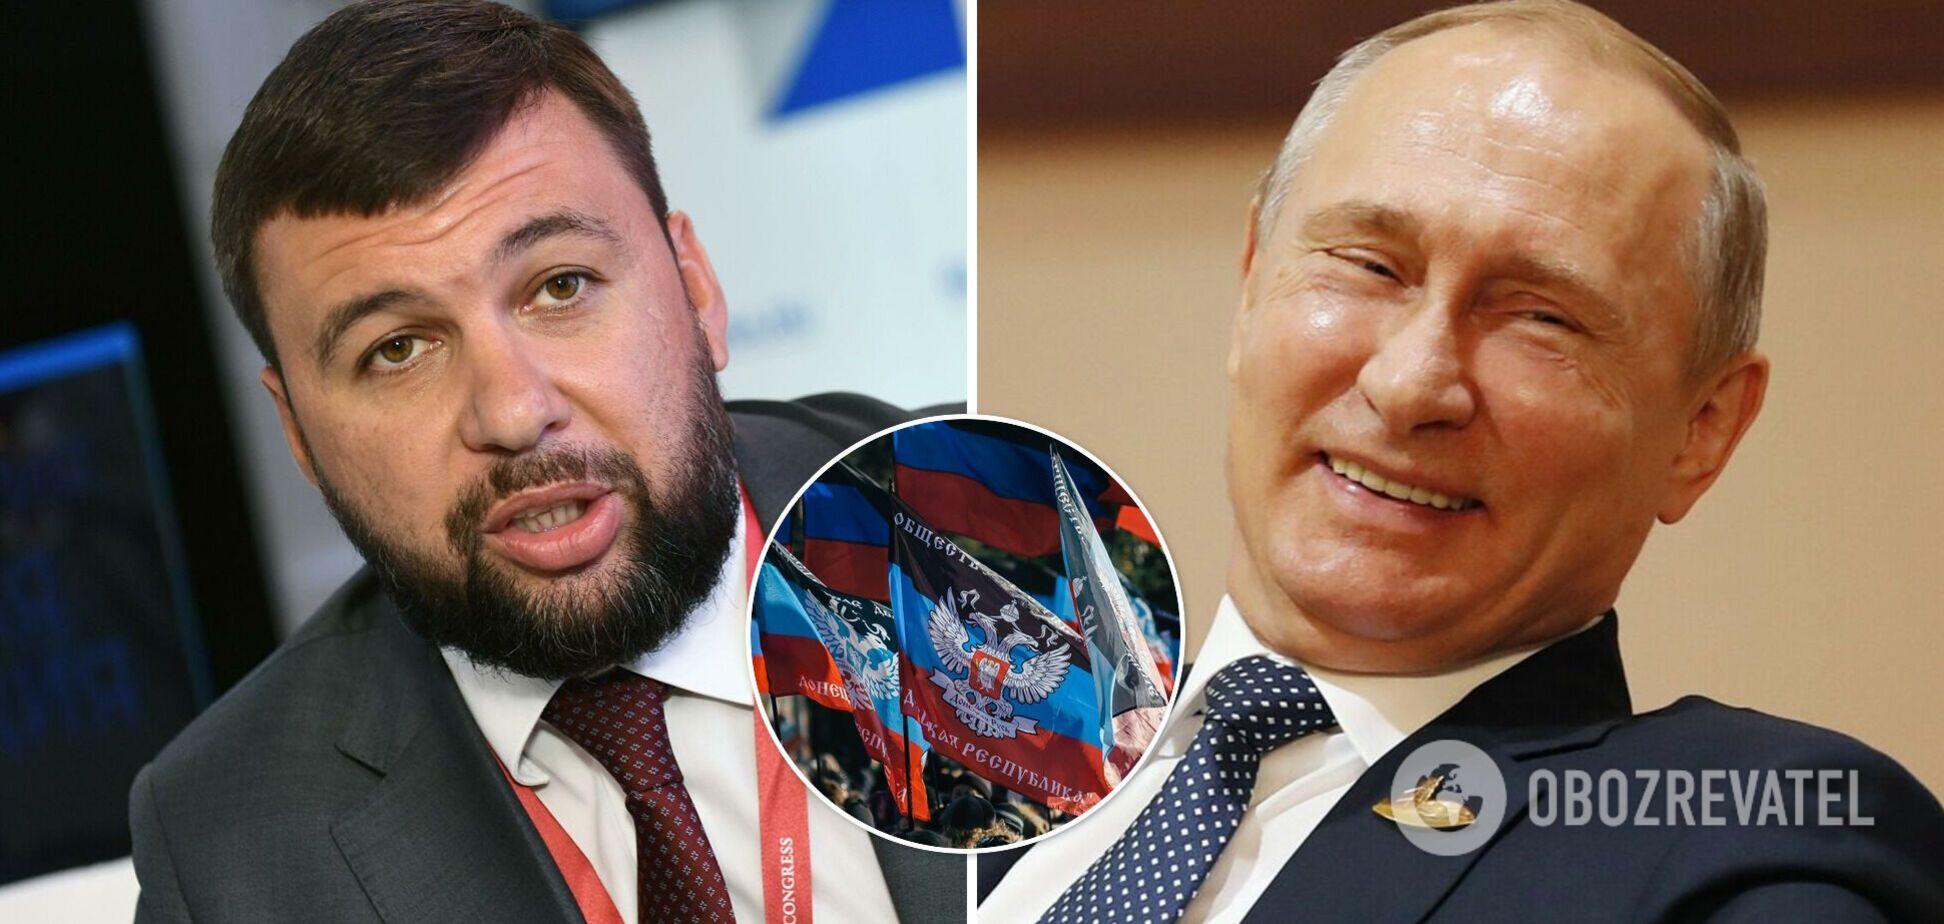 Пушилин готовит три обращения к Путину, среди них – просьба войти в состав РФ – СМИ